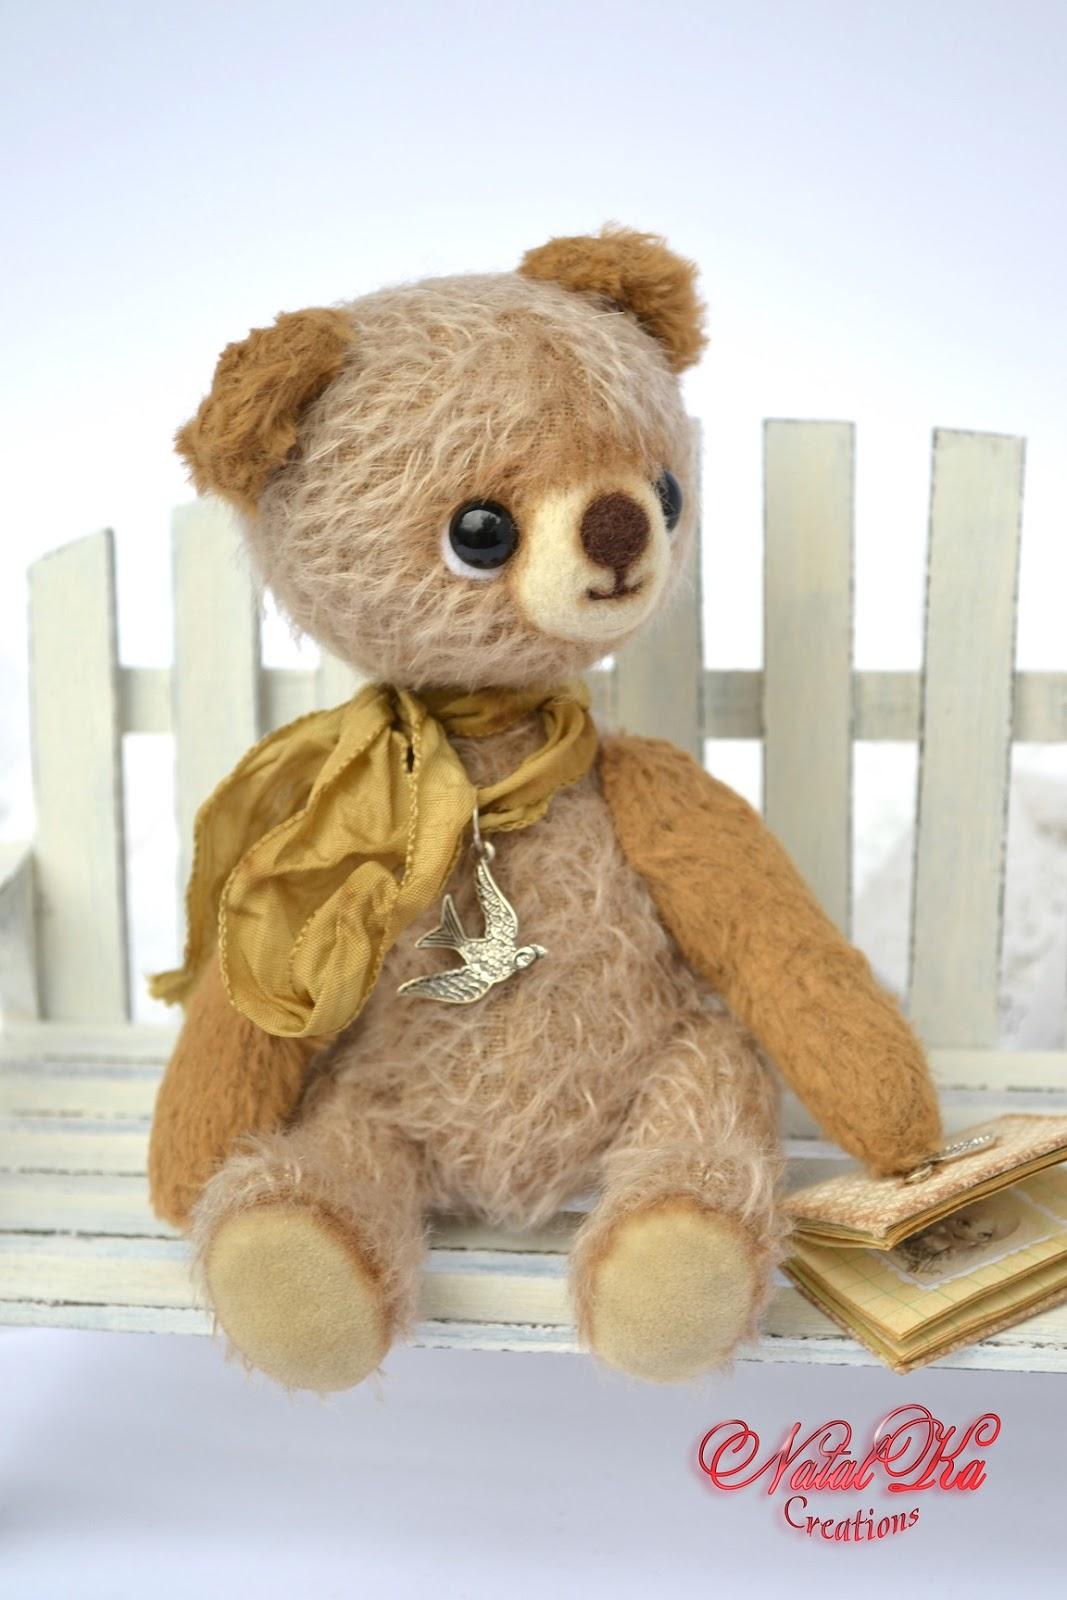 Künstlerbär Bär Teddybär Teddy handgemacht in vintage Look von NatalKa Creations. Artist teddy bear handmade in vintage look by NatalKa Creations